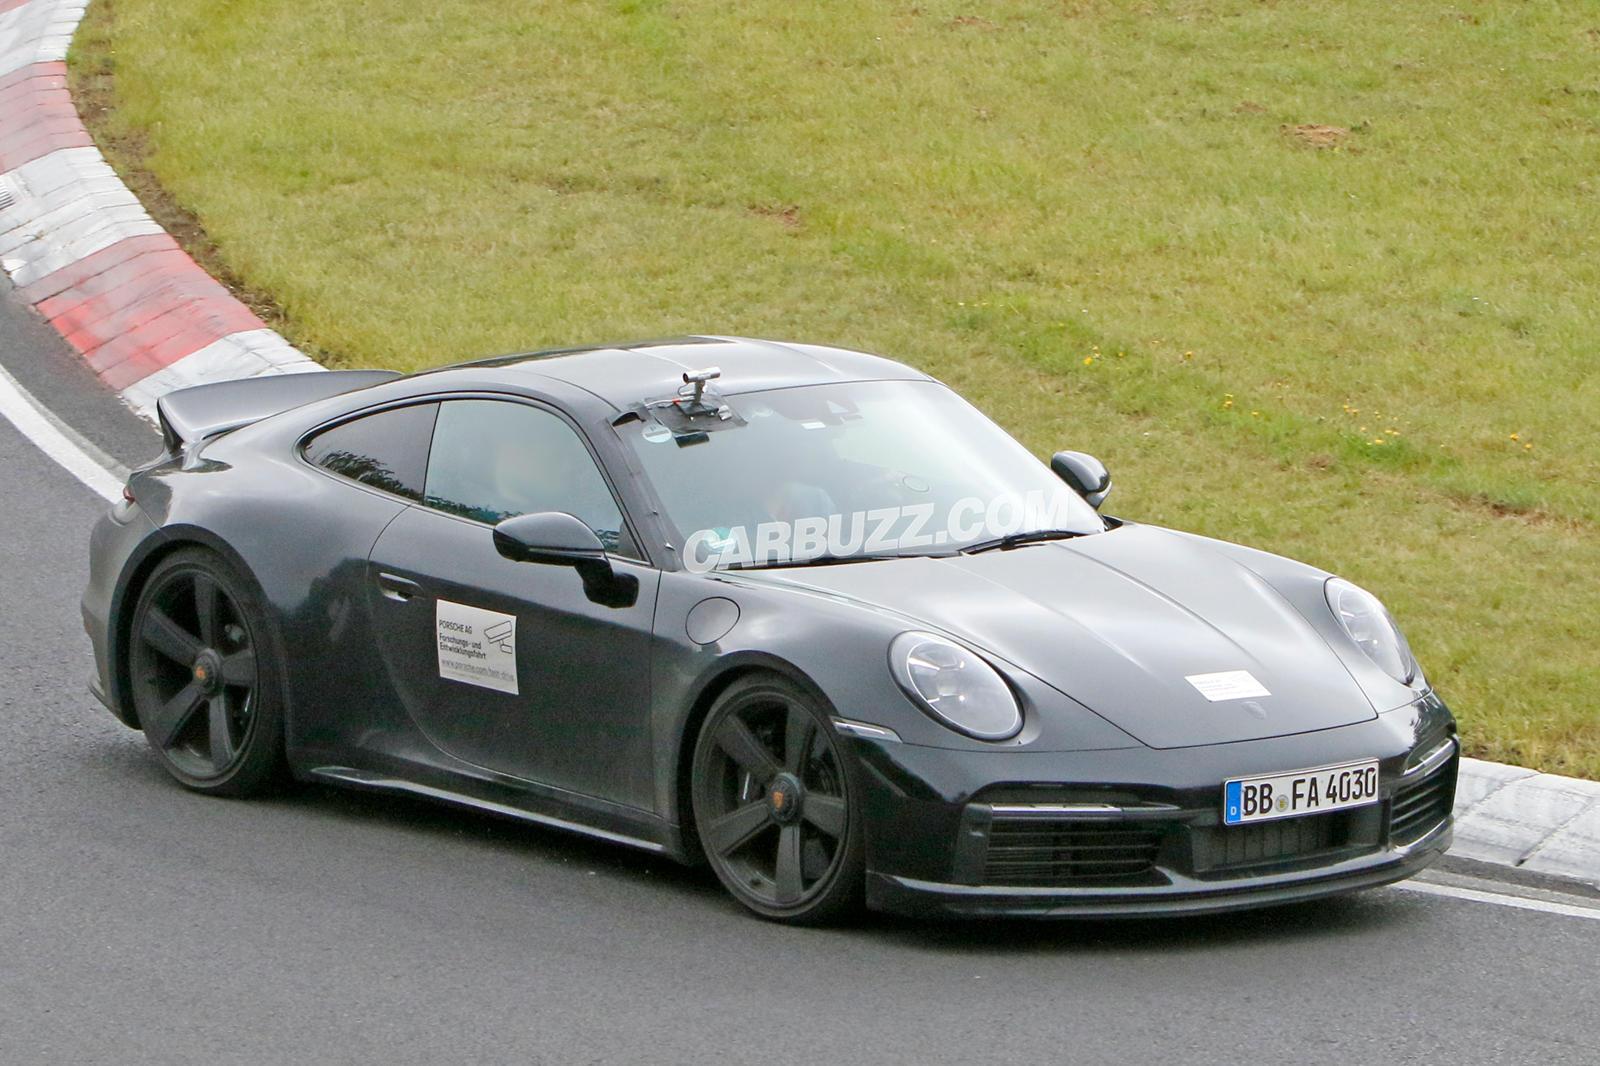 95939 Special Porsche 911 Sport Classic Spied With Unique Details